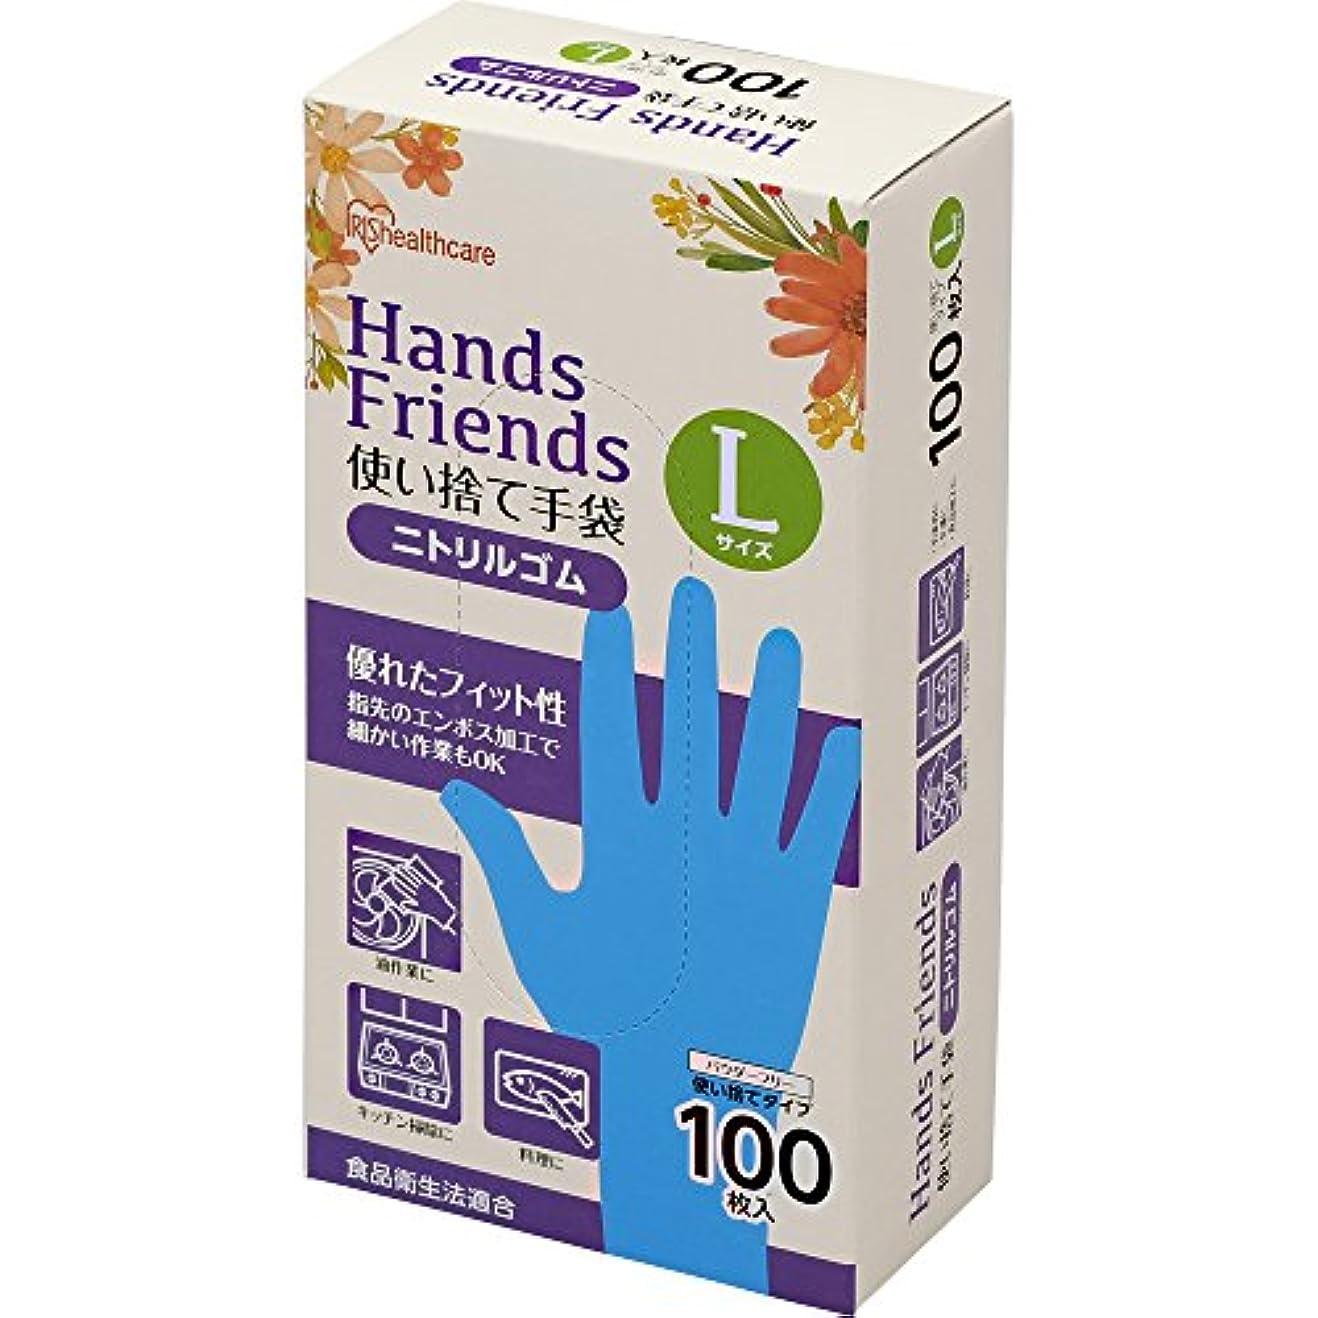 ラインナップ申し込むピニオン使い捨て手袋 ブルー ニトリルゴム 100枚 Lサイズ NBR-100L